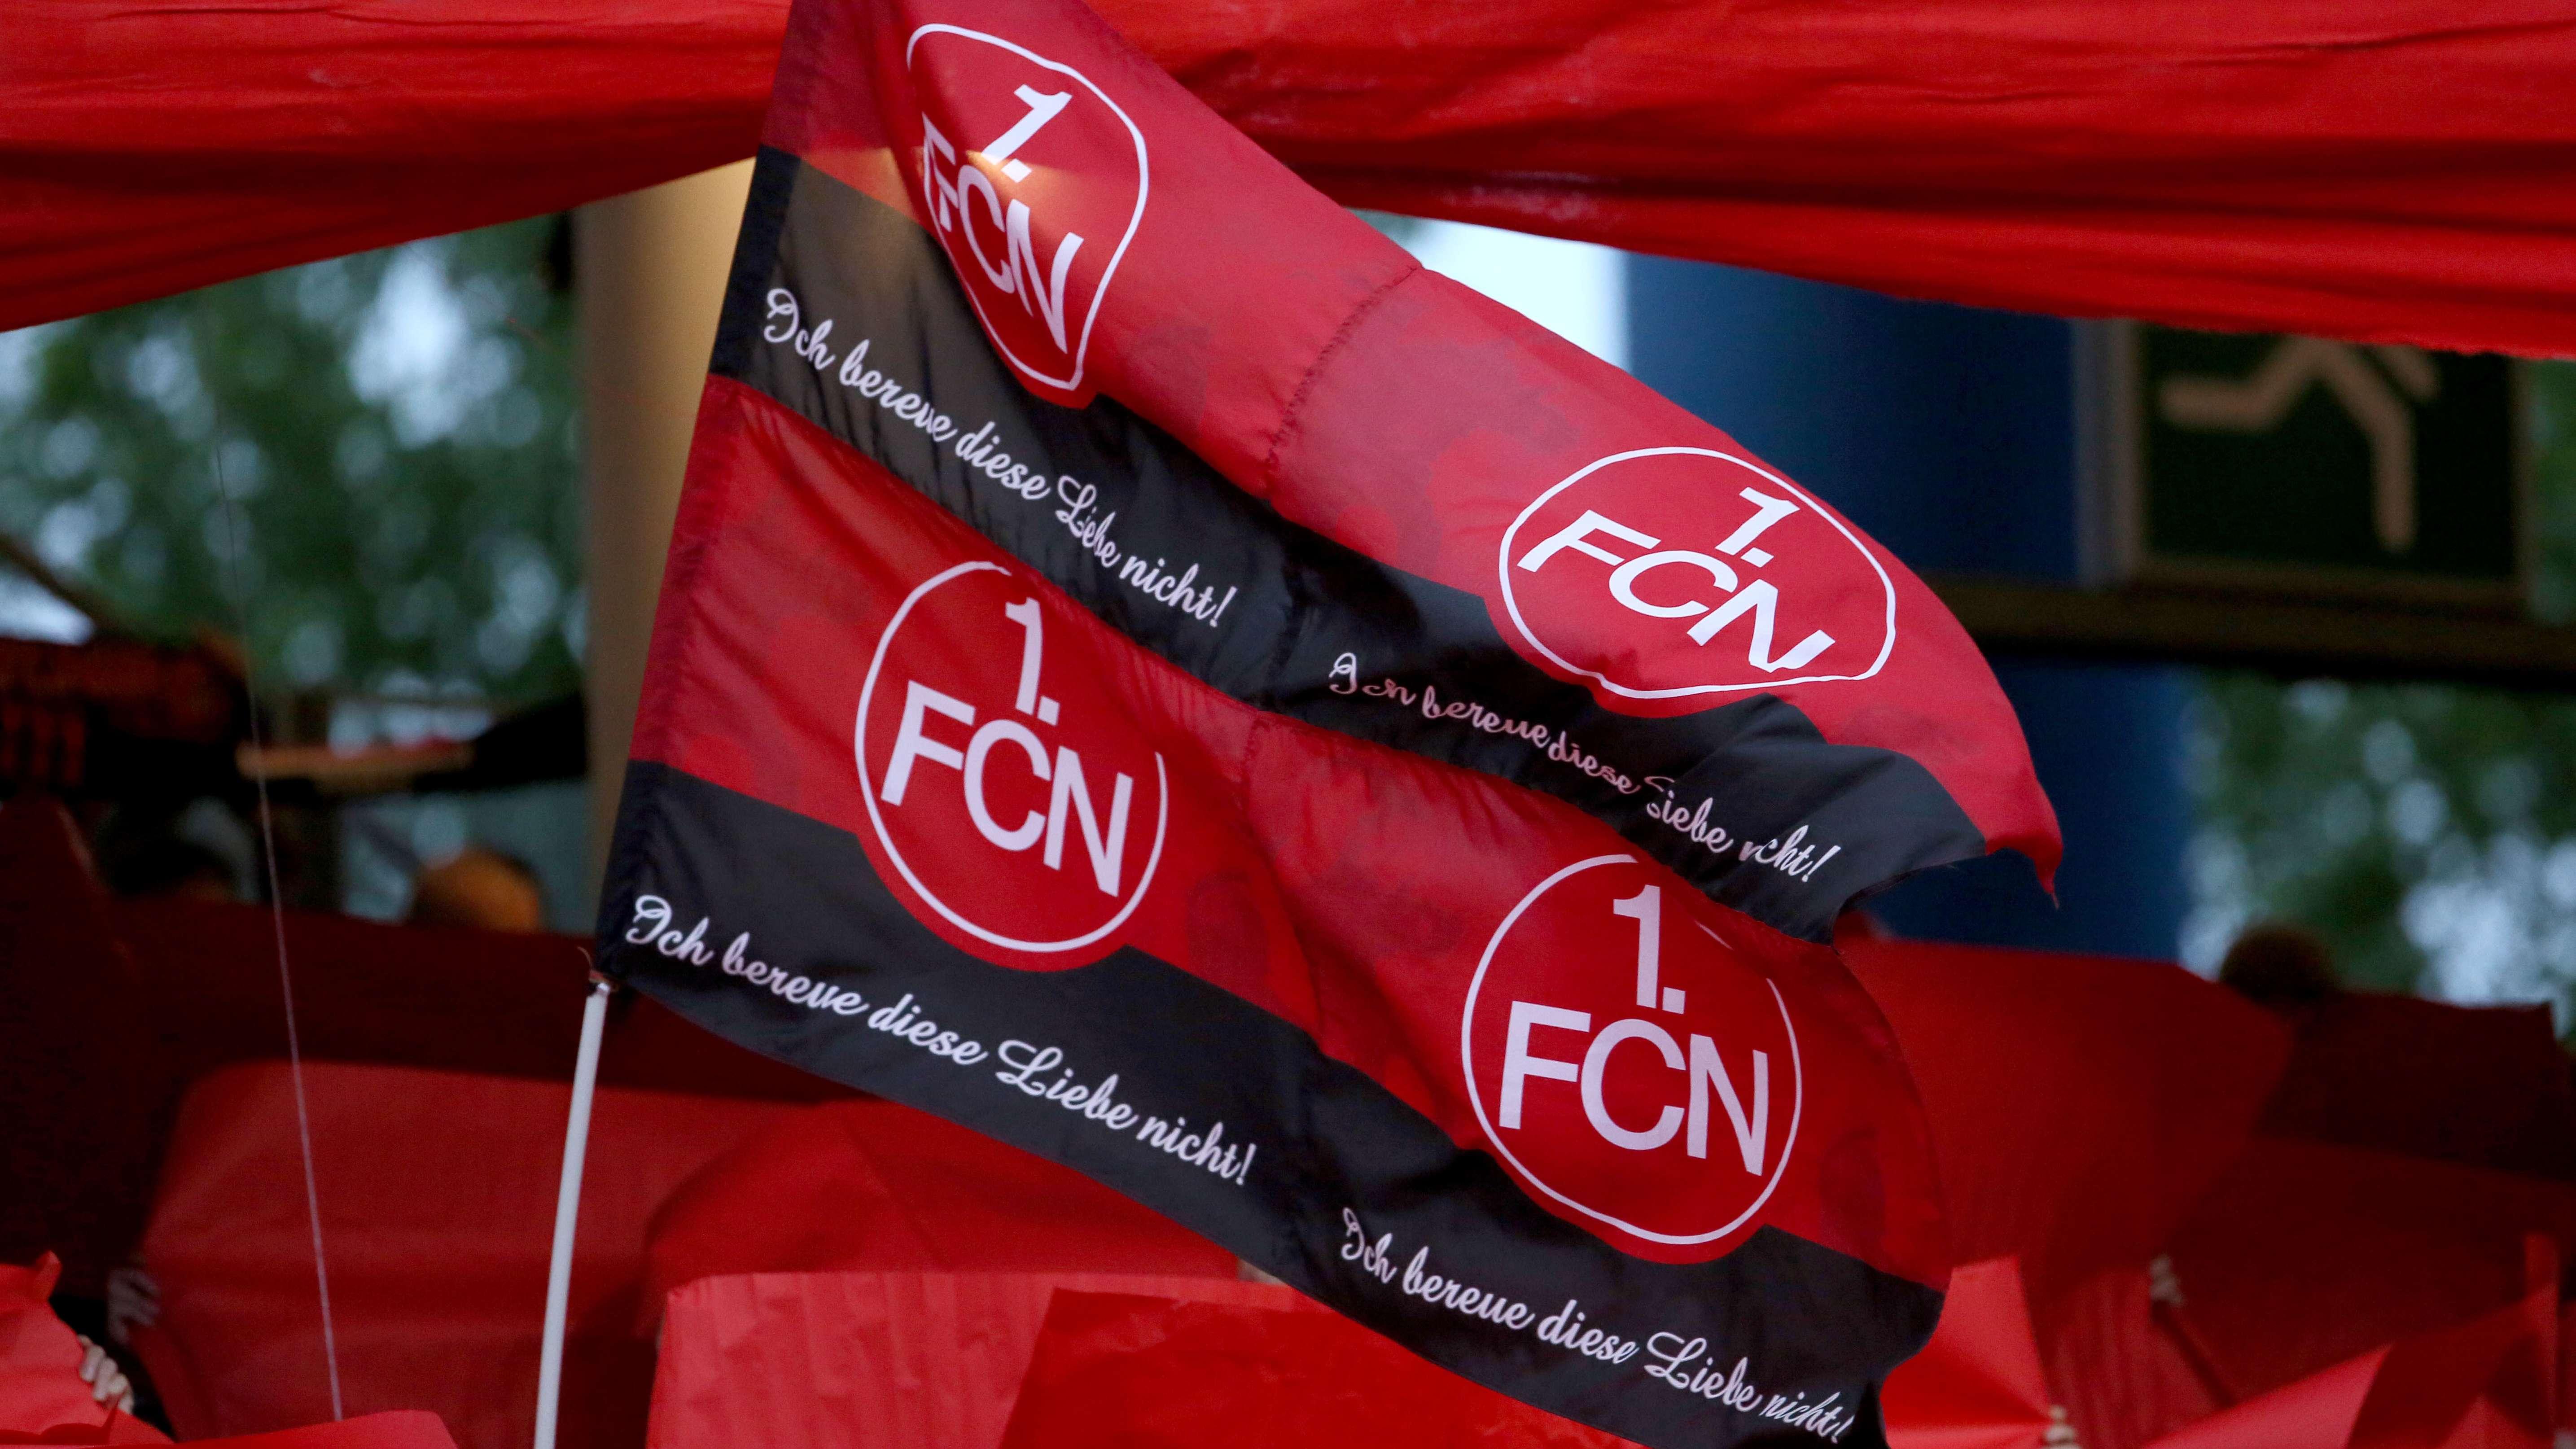 Fahne des 1. FCN